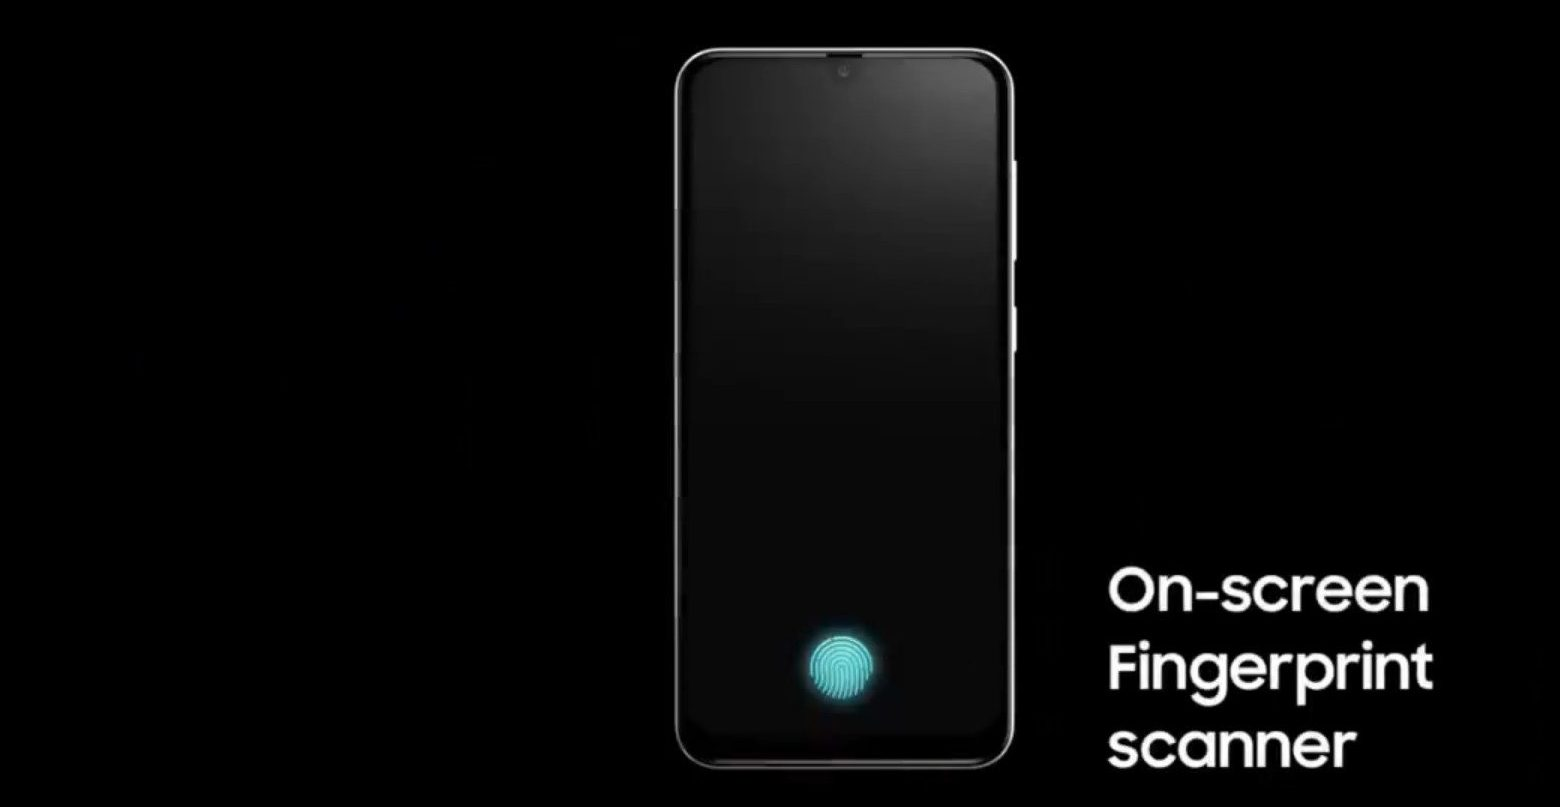 Galaxy J от Samsung больше не производится 6